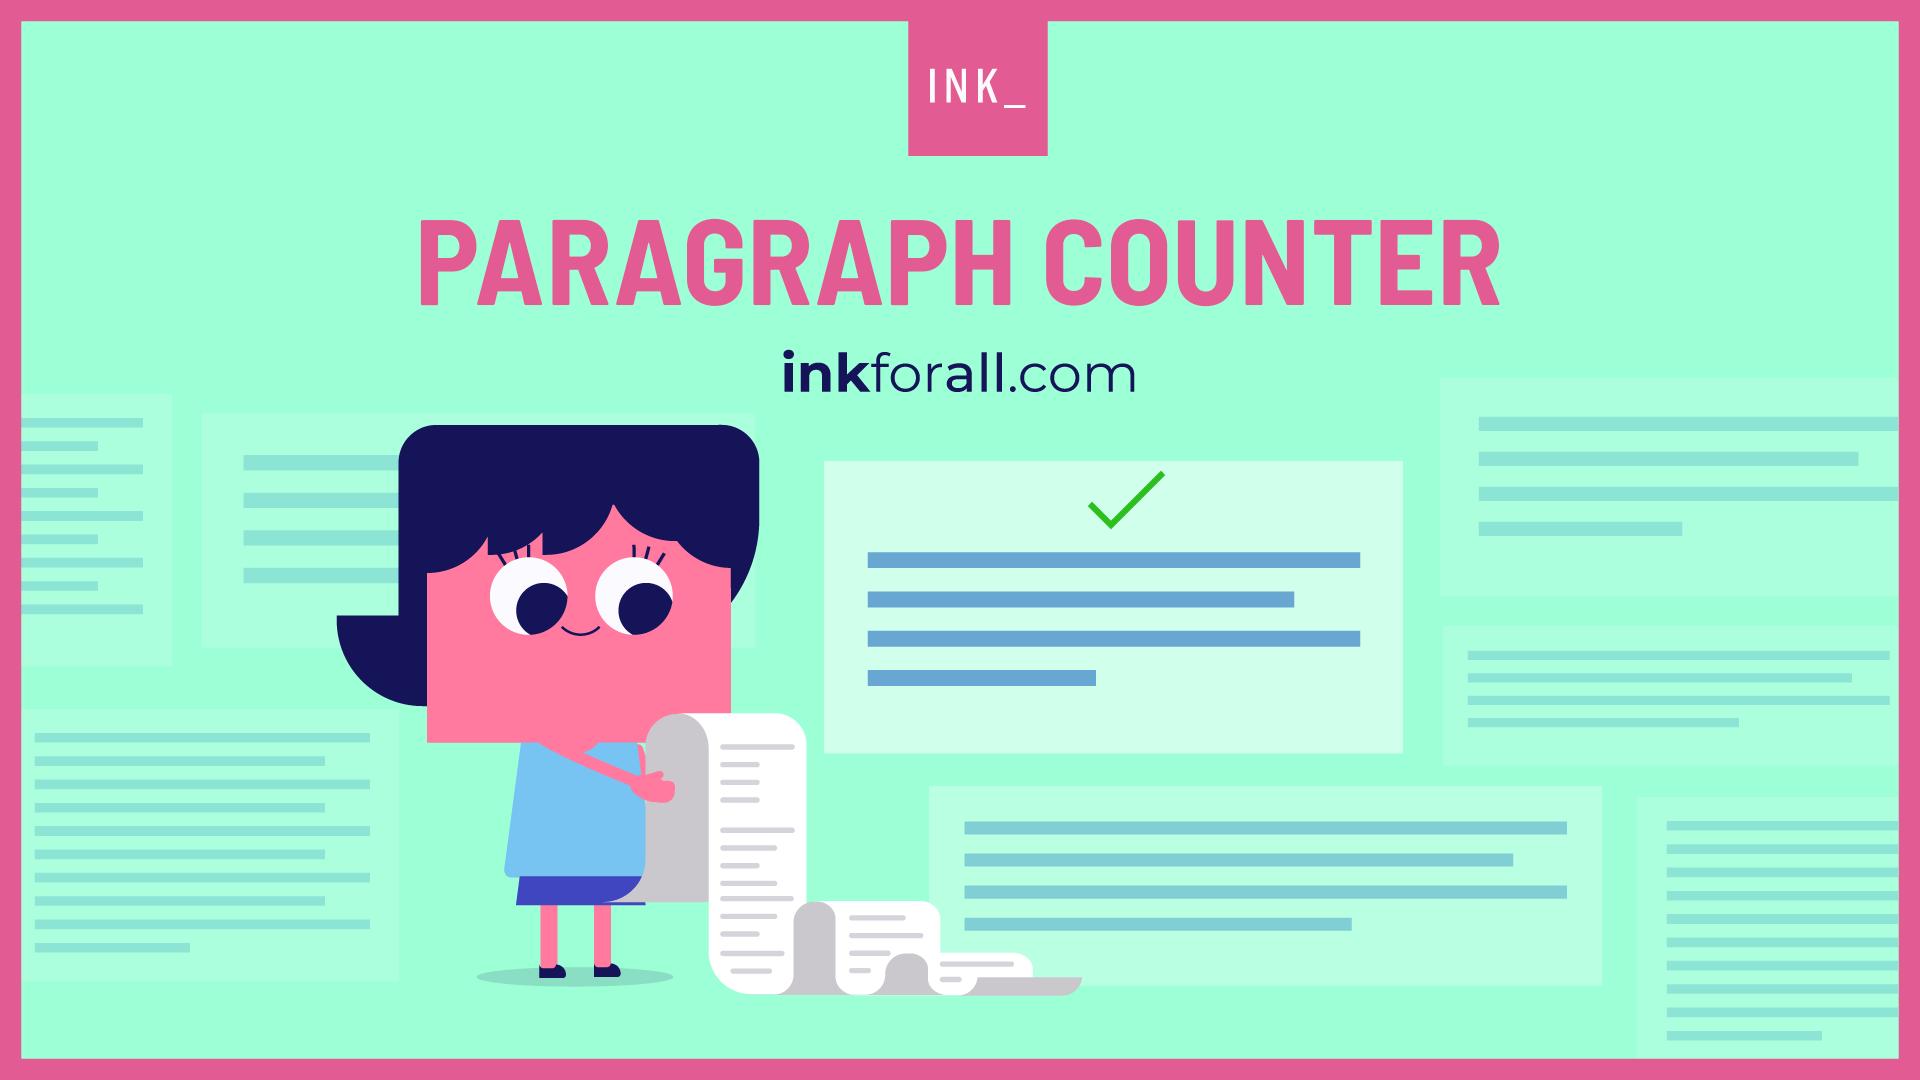 Paragraph Counter